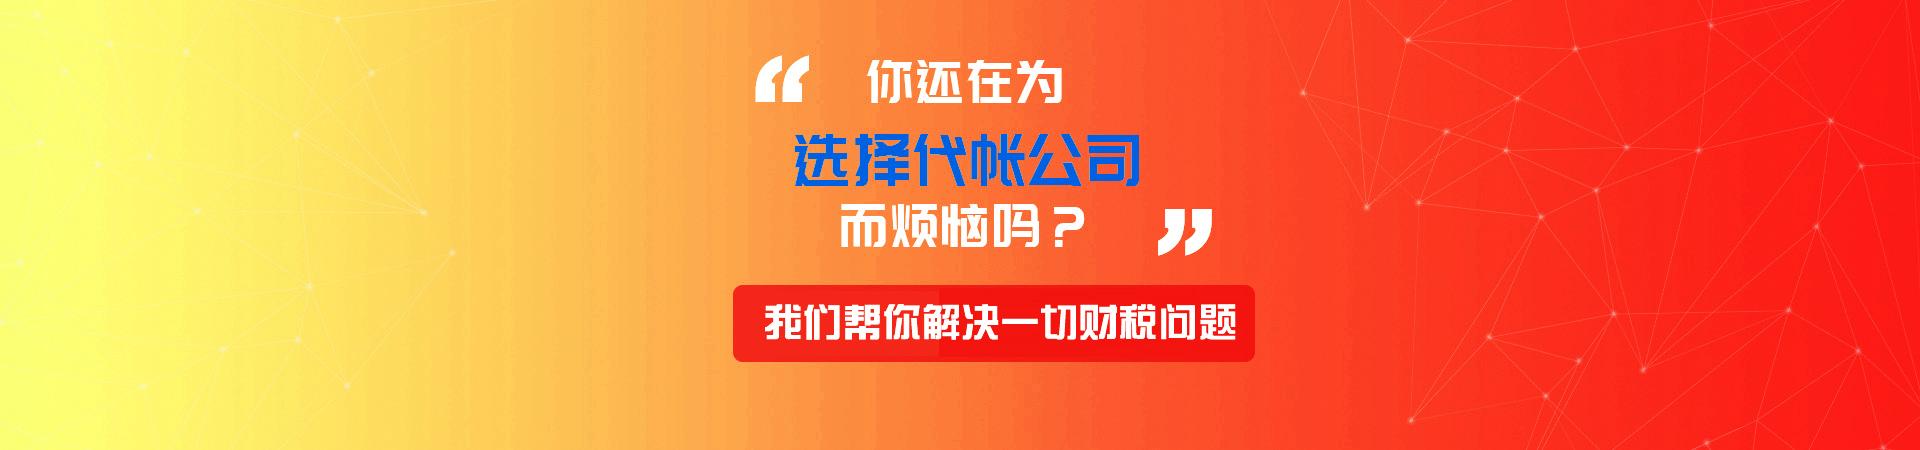 天津 记账公司报税_米多乐财税_专业代理记账10年